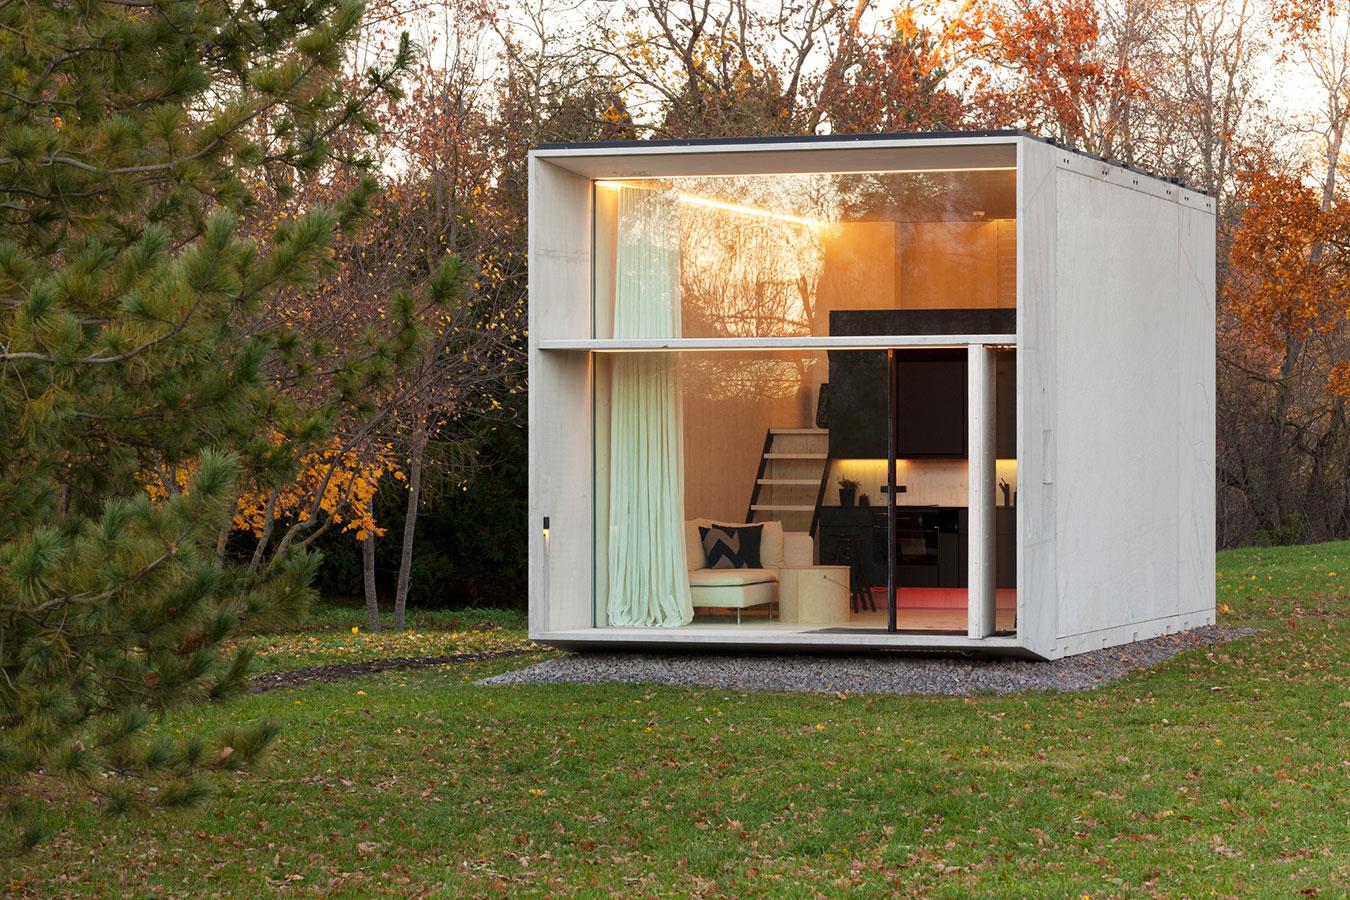 Modelos de casas pequenas 60 fotos projetos e plantas - Escritorios para casas pequenas ...